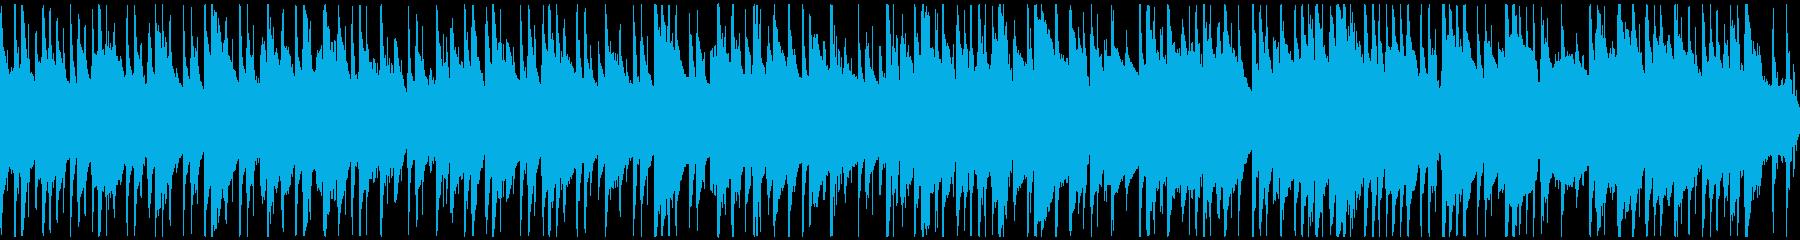 平和な雰囲気のBGM(ロング・ループ)の再生済みの波形